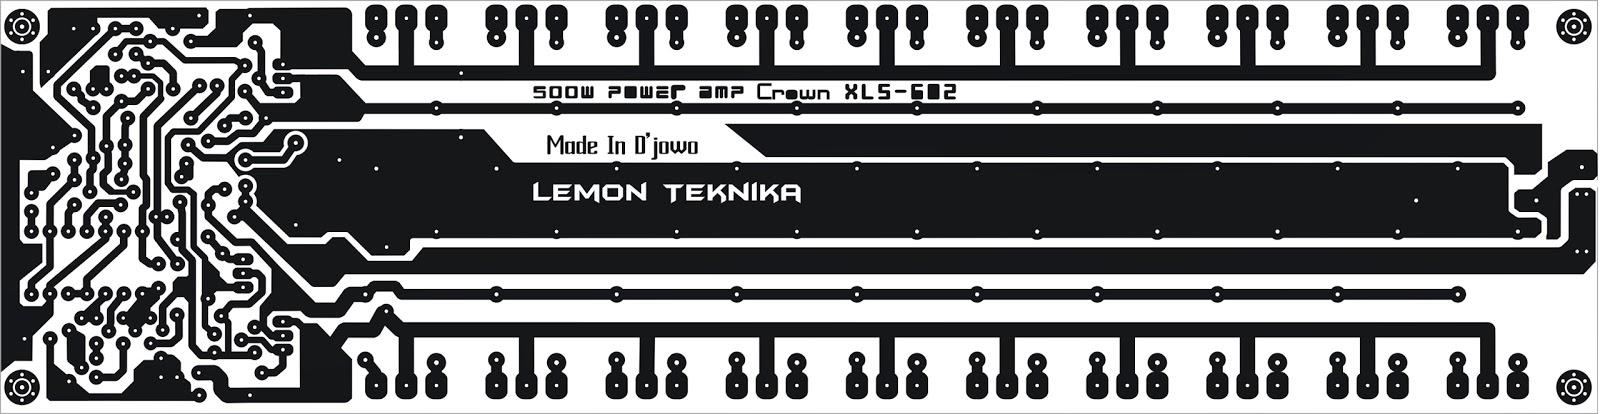 layout pcb power apex b500 tef